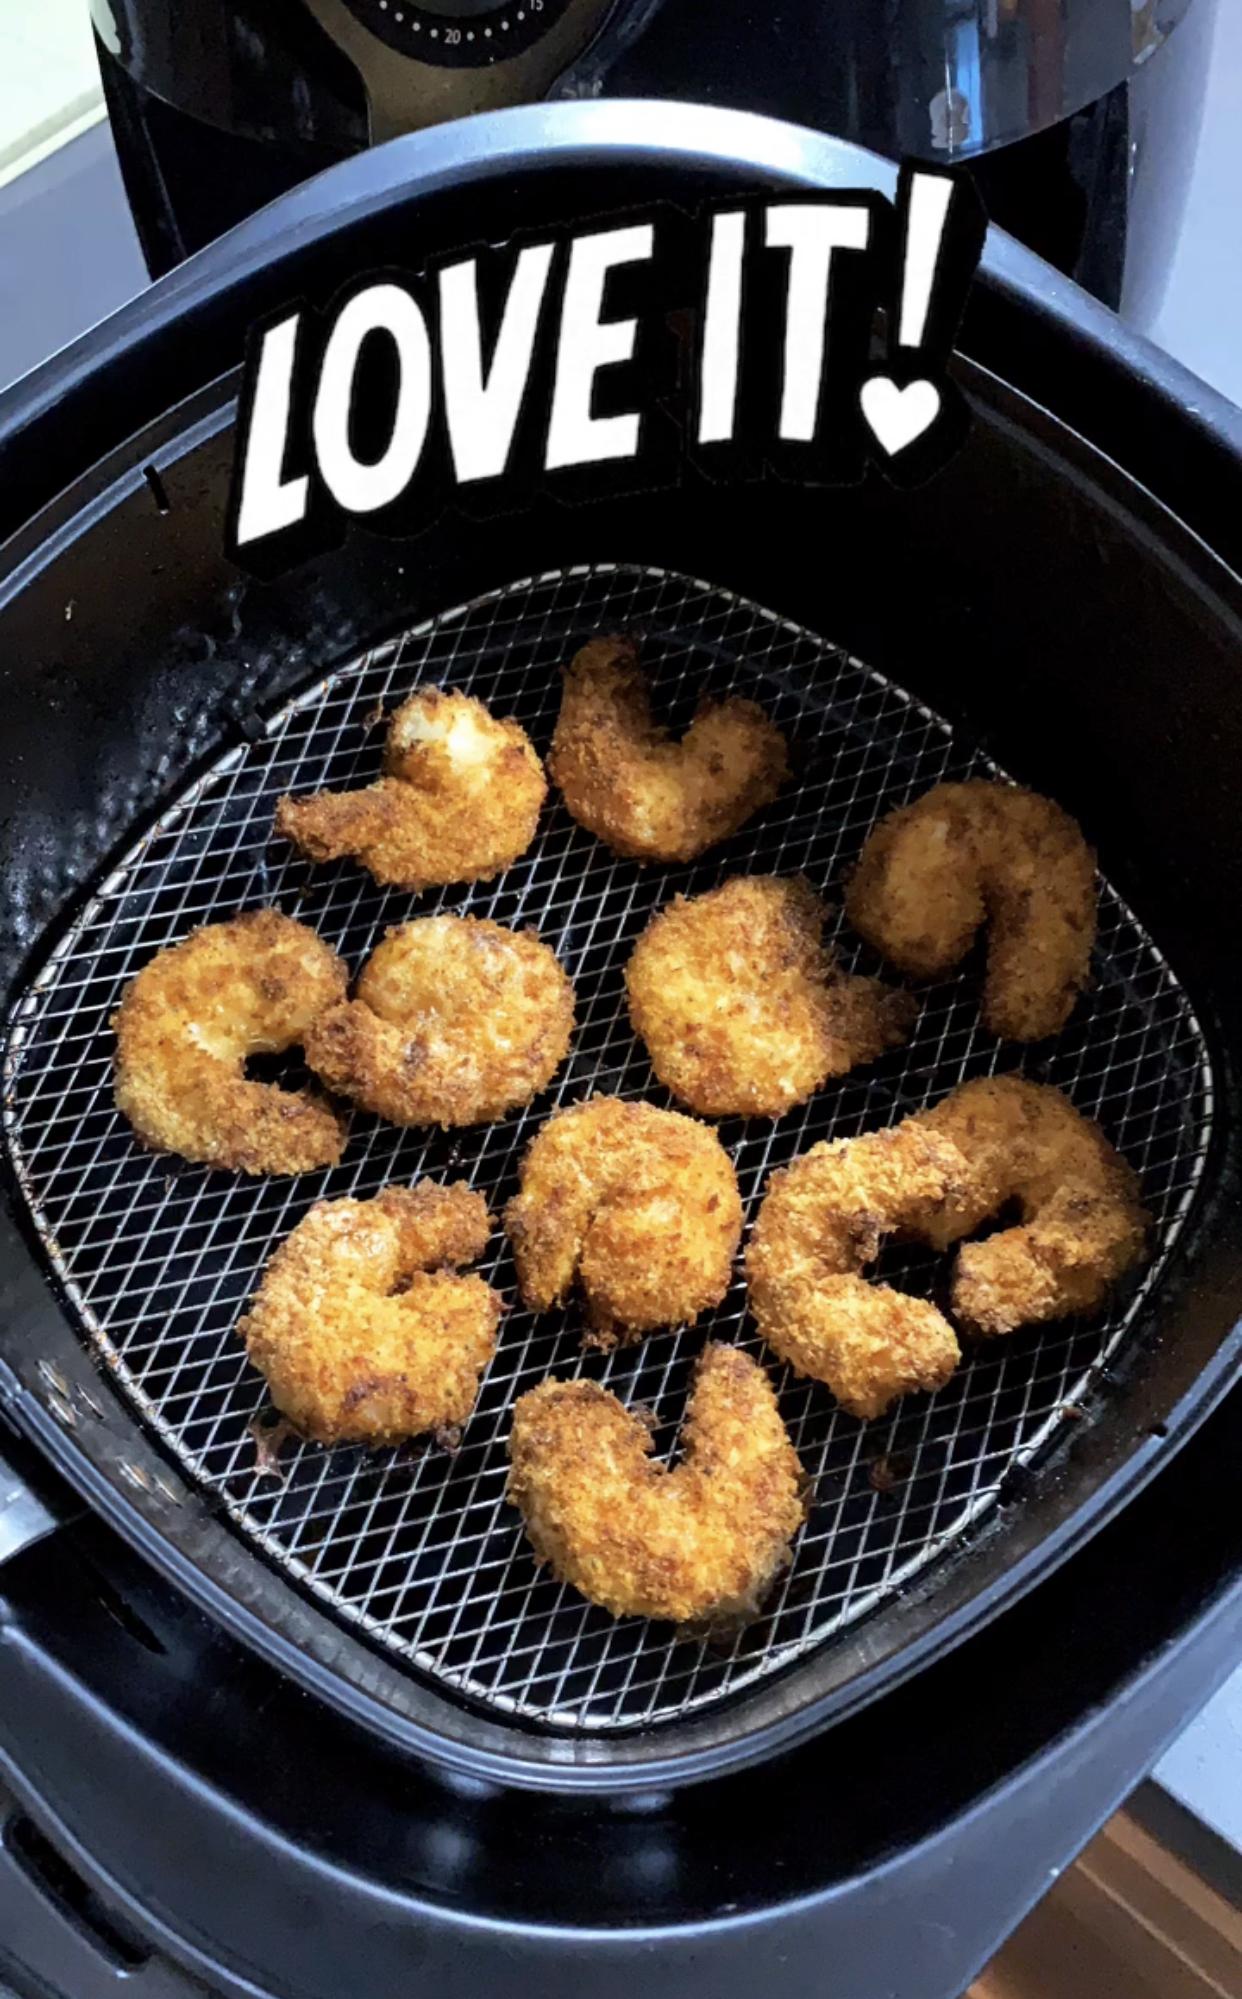 crispy shrimp in the air fryer basket